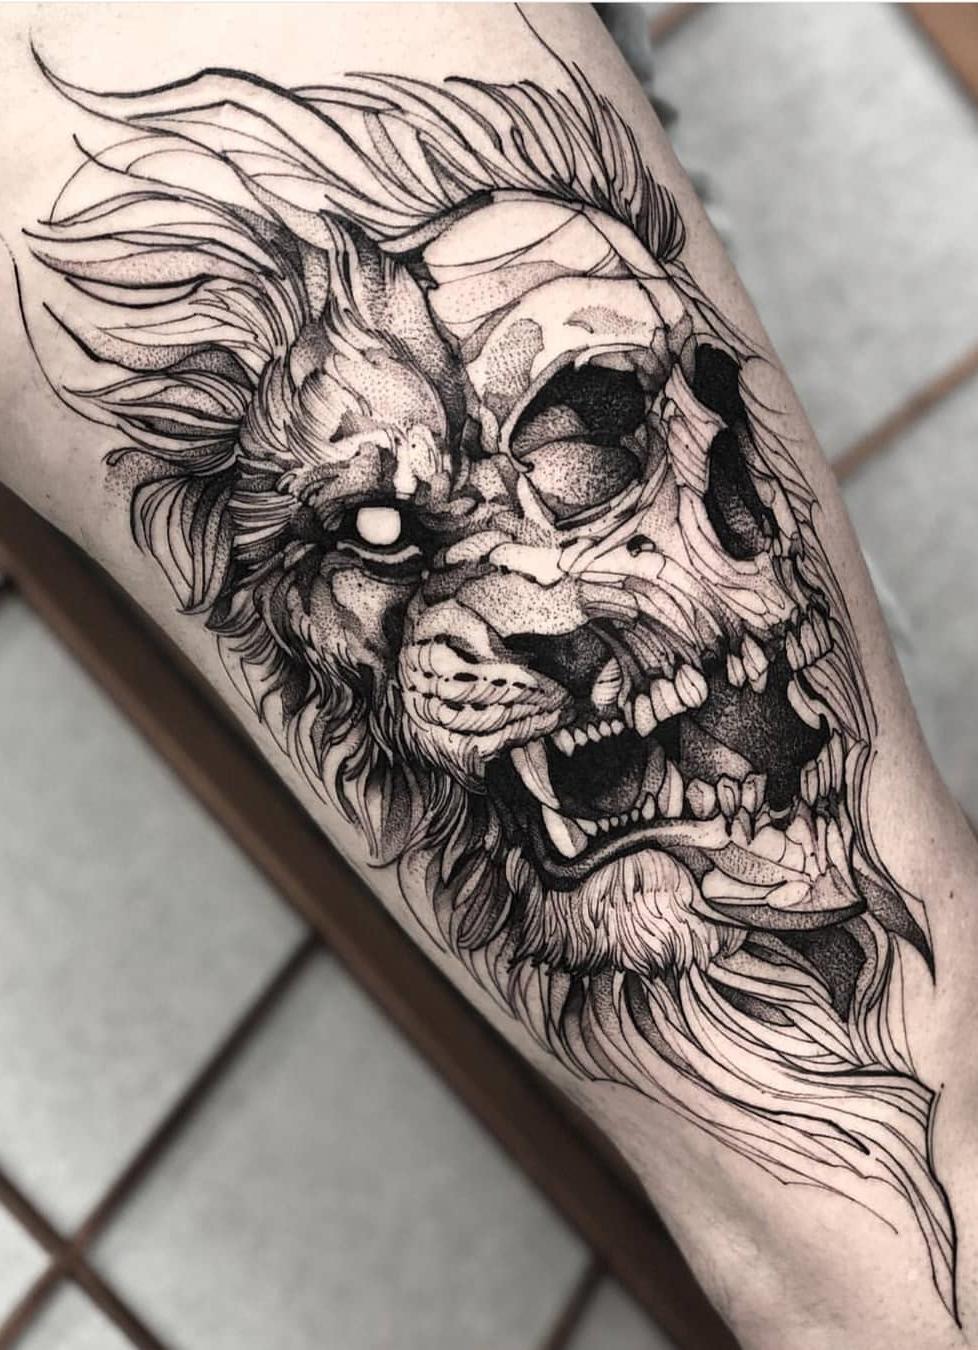 Fotos-de-tatuagens-de-caveira-5